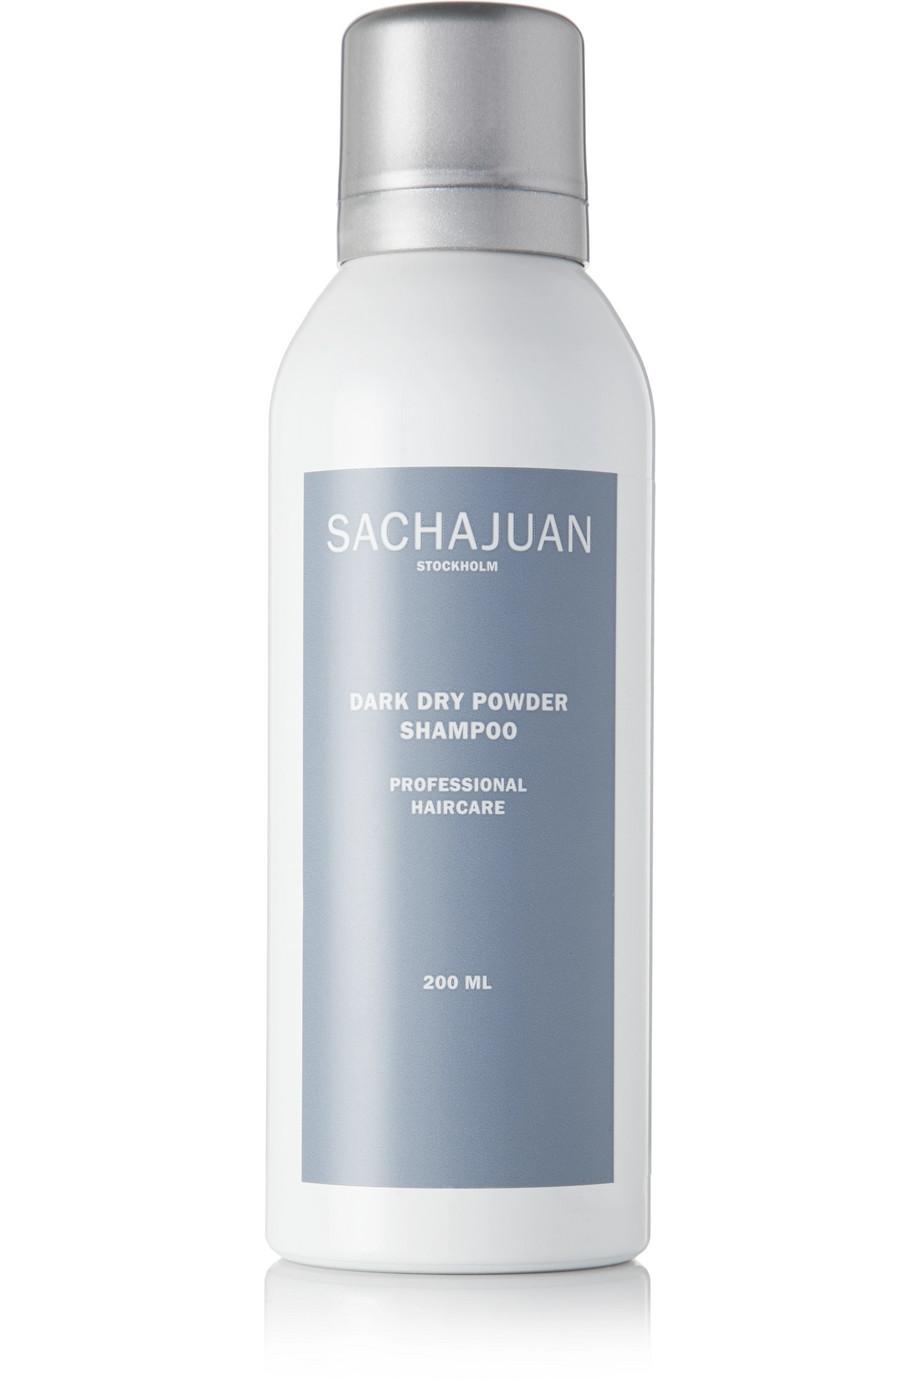 SACHAJUAN Dark Dry Volume Powder Shampoo, 200ml